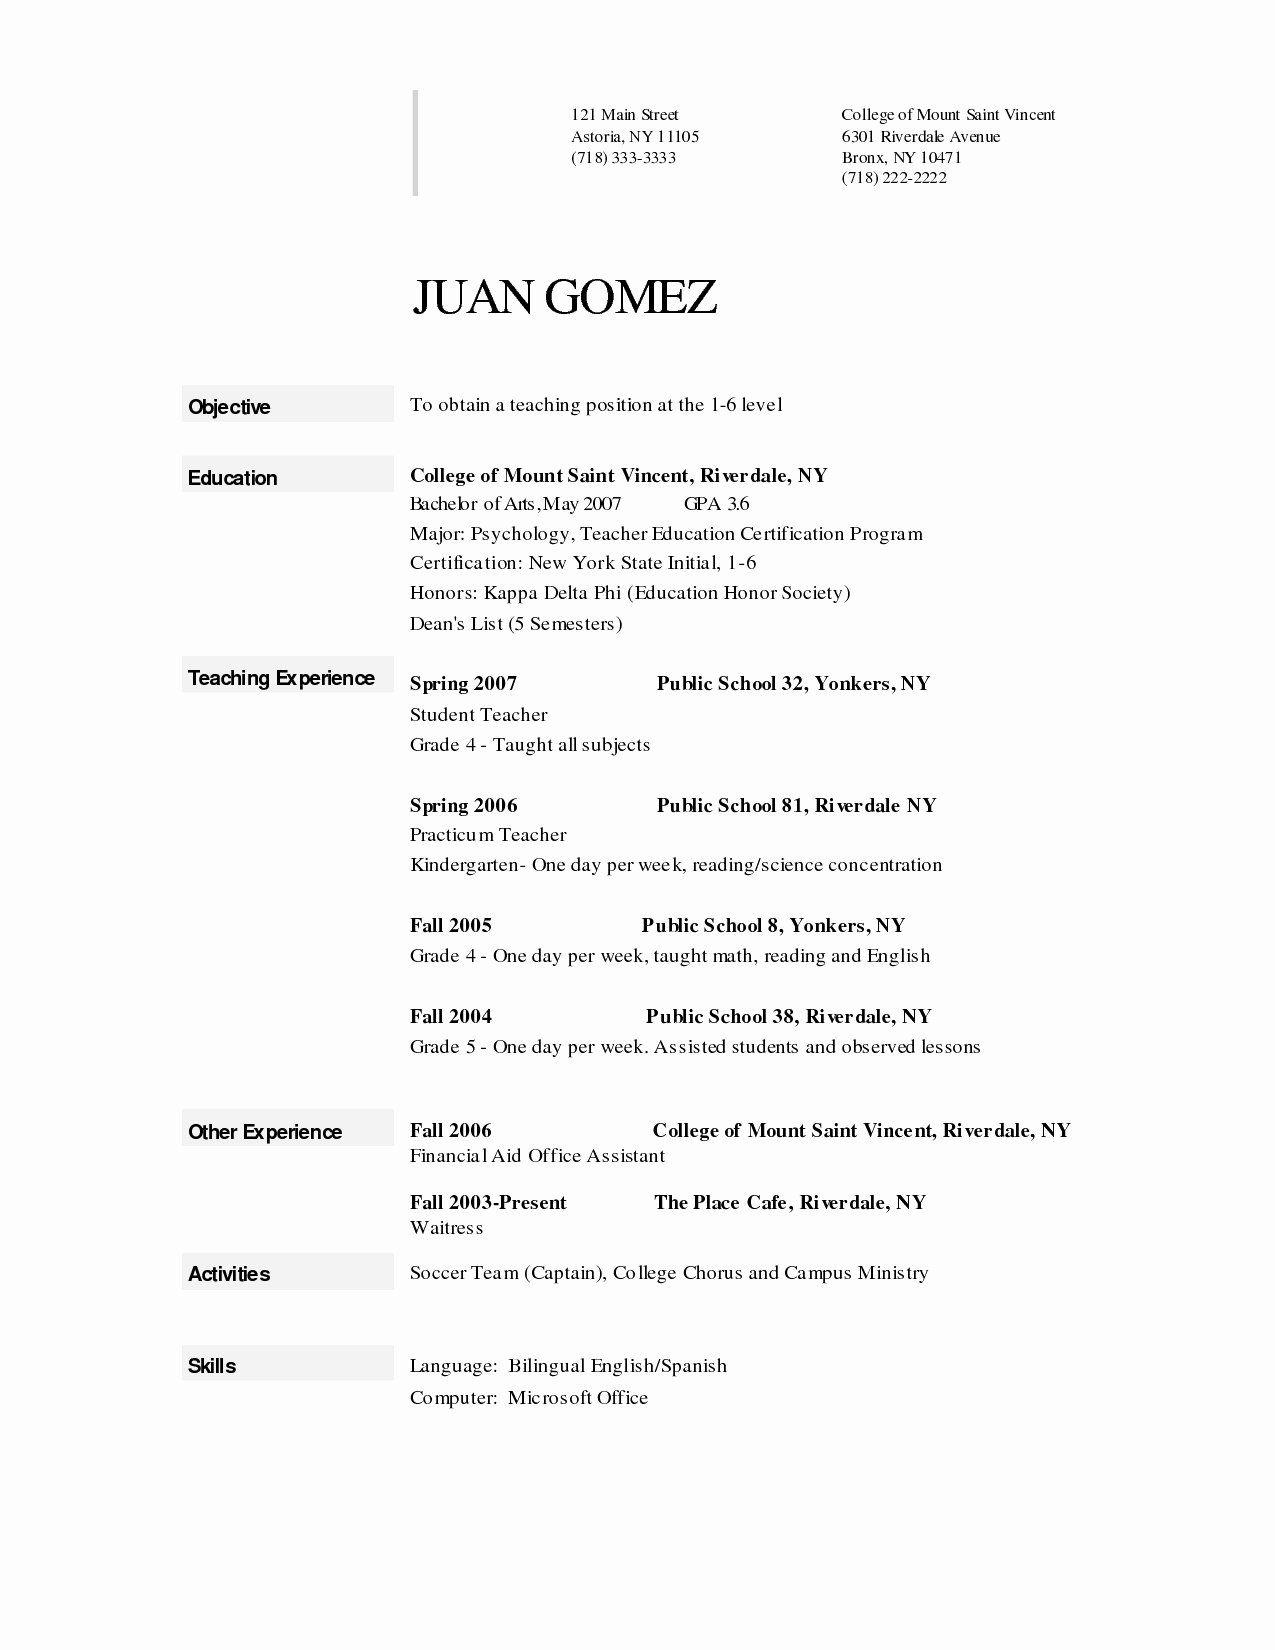 Sample resume for preschool teacher assistant new 9 10